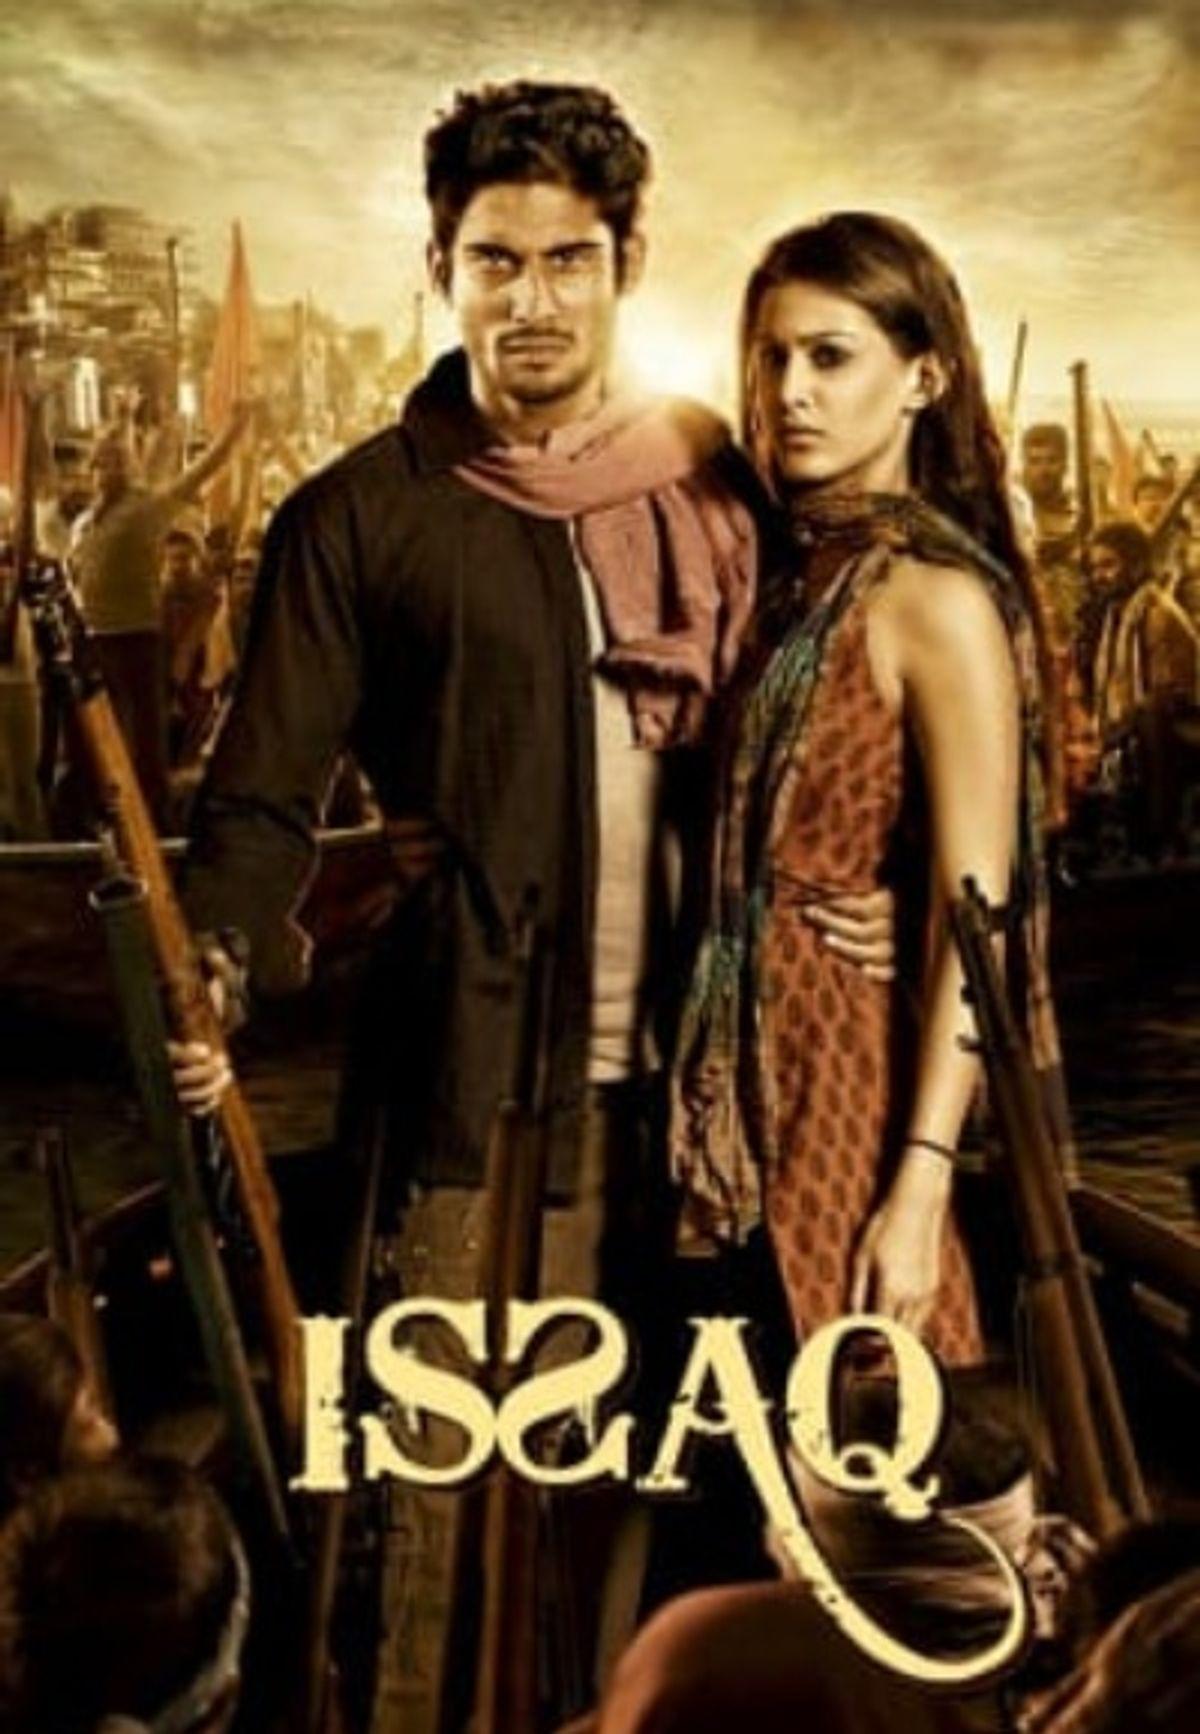 Issaq